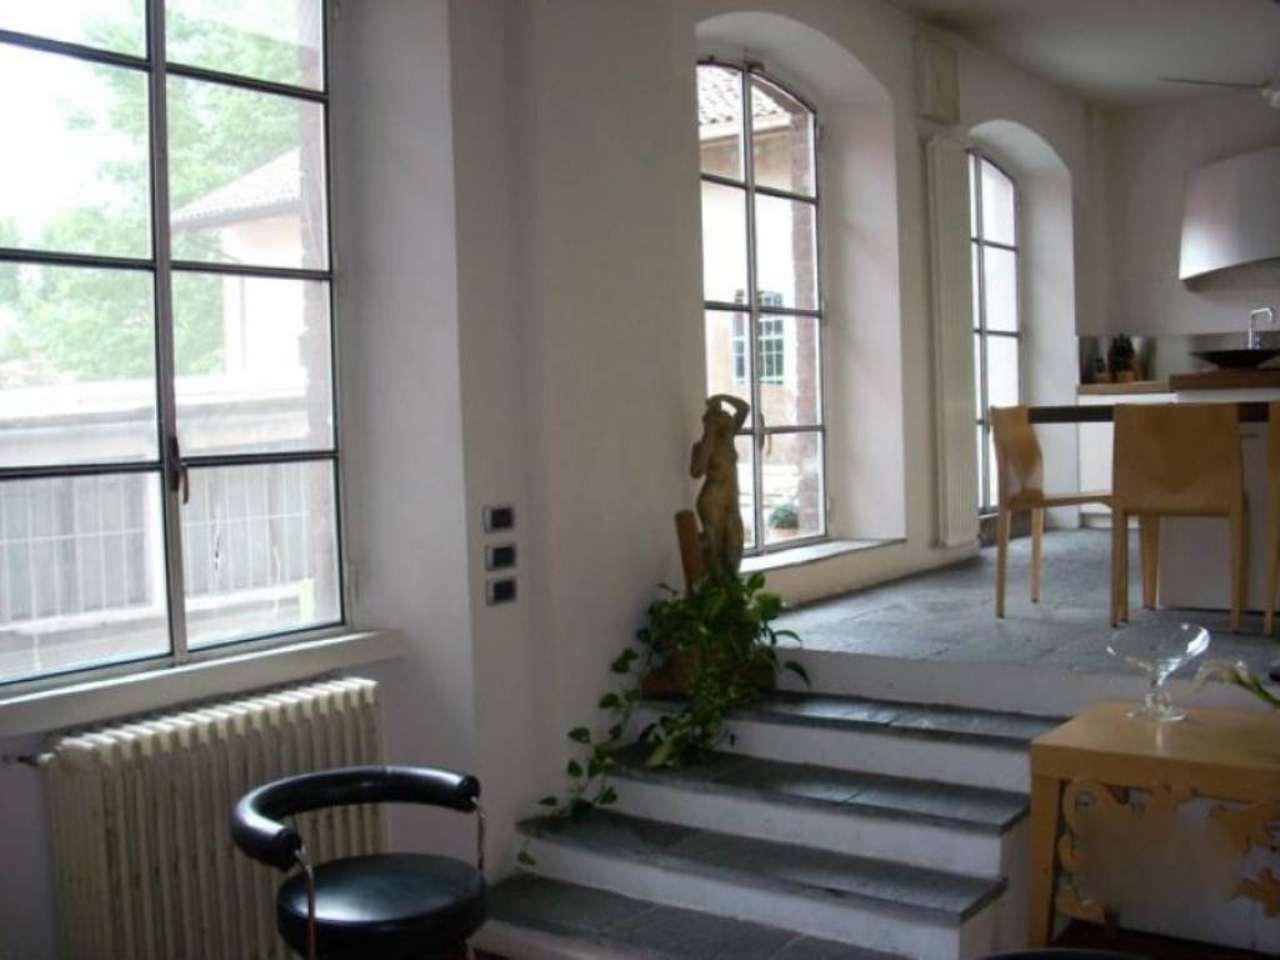 Fontana immobili di prestigio agenzia immobiliare milano for Appartamenti prestigio milano